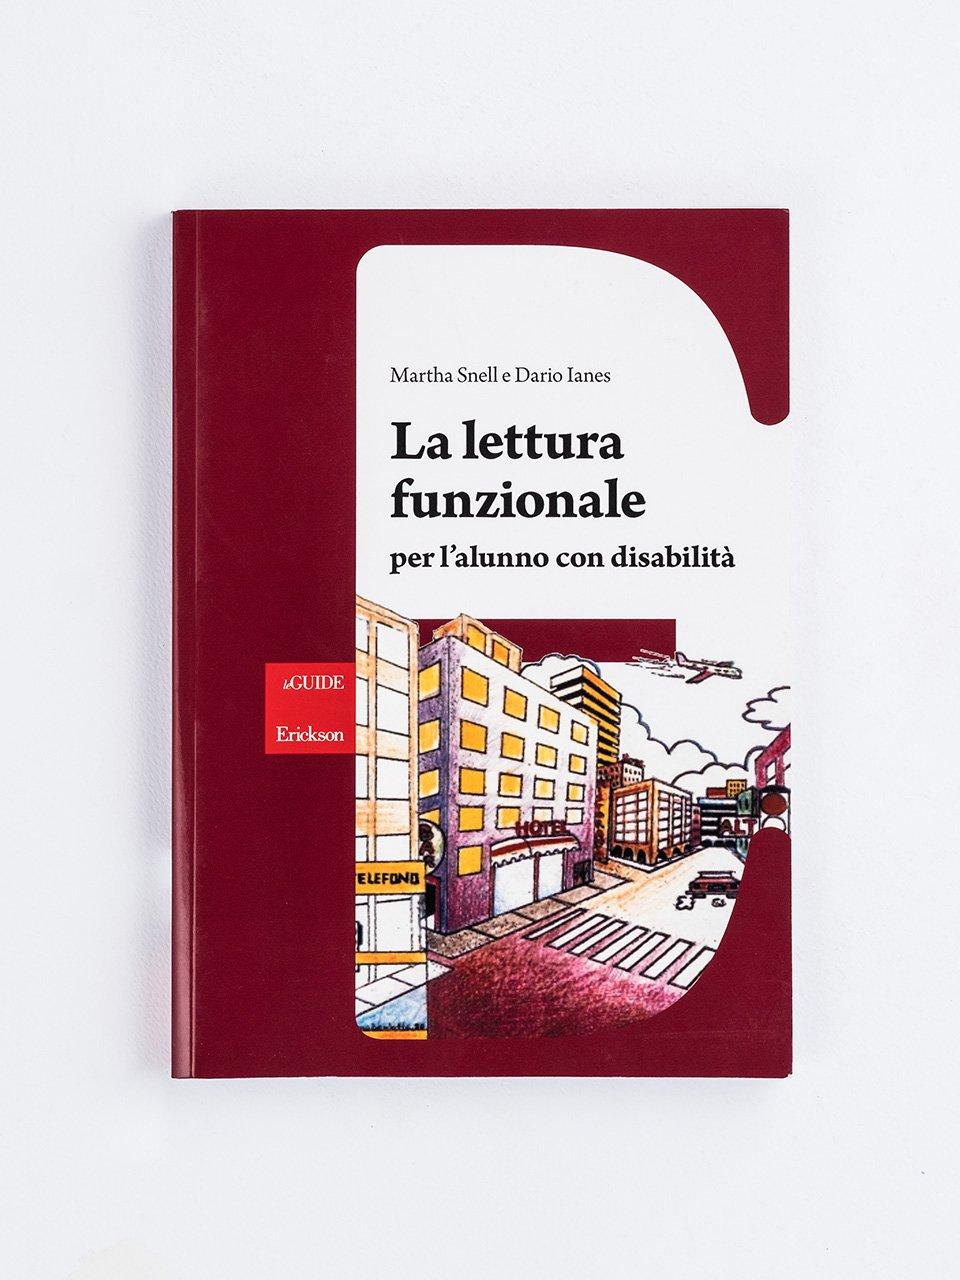 La lettura funzionale per l'alunno con disabilità - Dario Ianes - Erickson